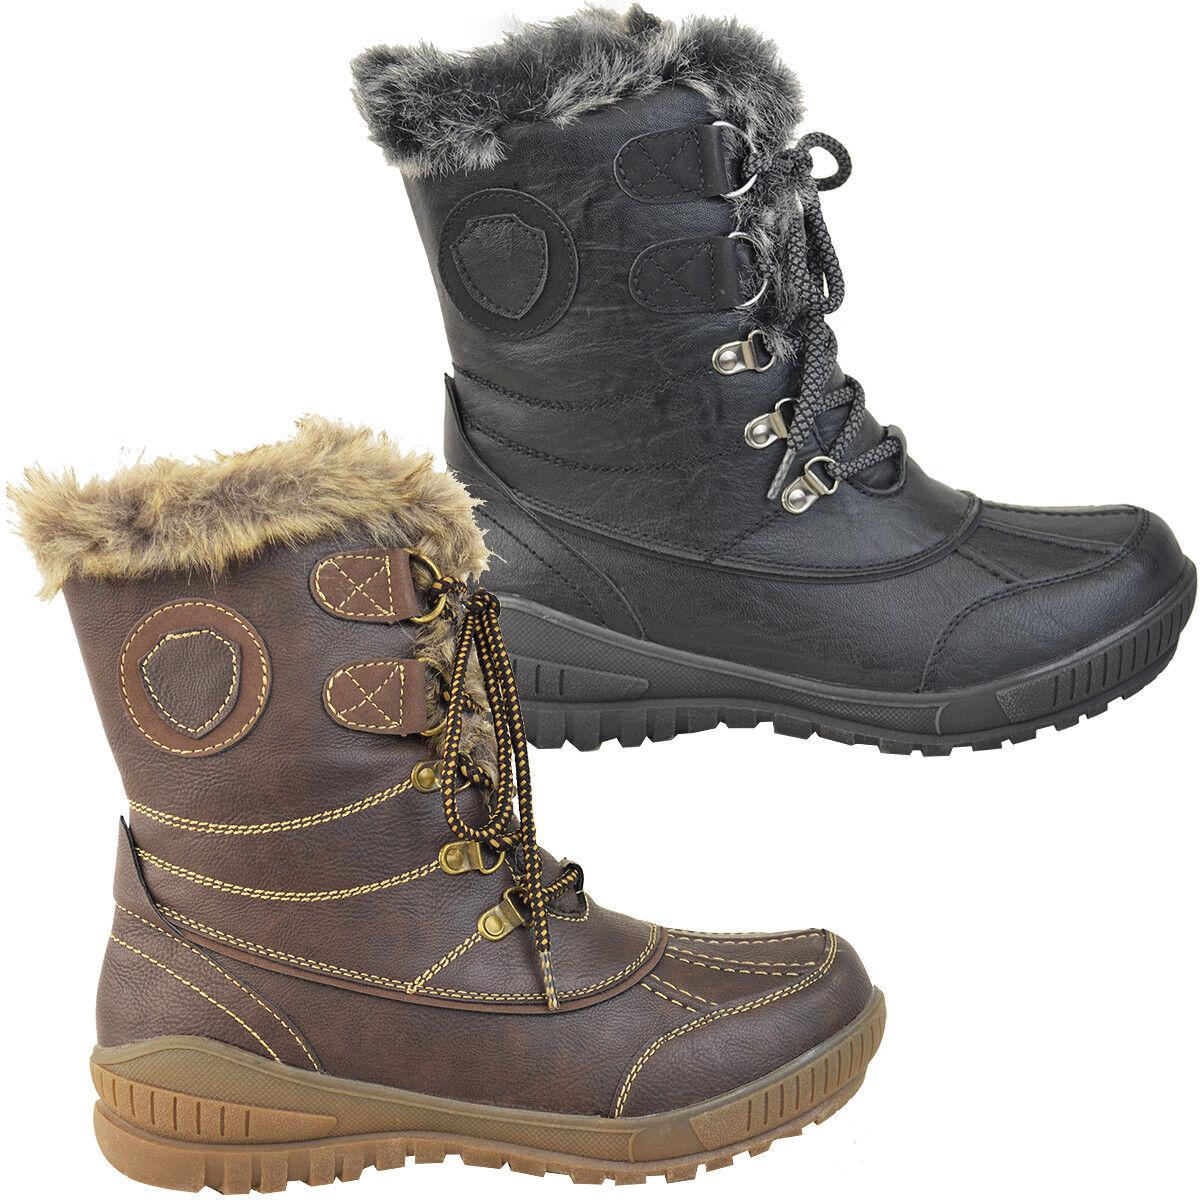 Señoras para mujer Plana cálido Forrado De Piel Suela agarre Invierno Nieve Botines Zapatos Talla